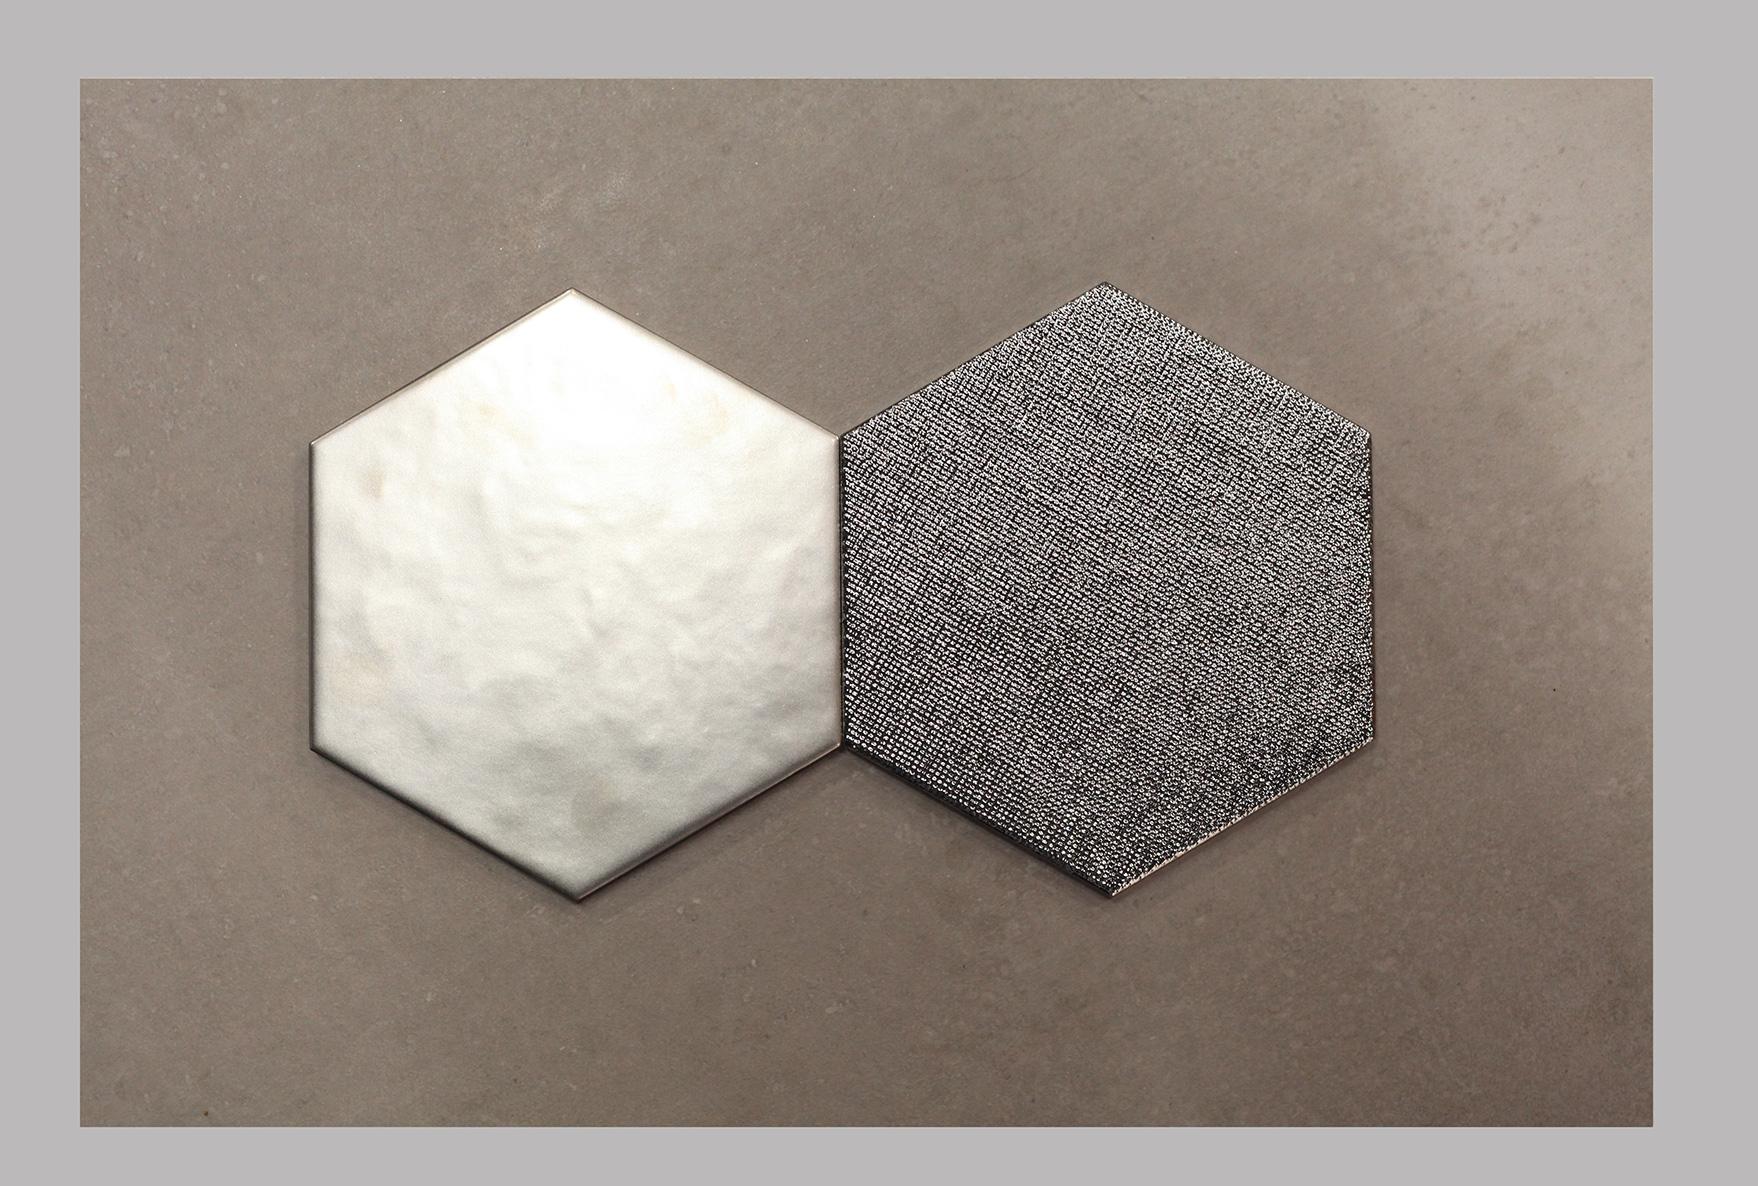 ditail-soluciones-materiales-alea_